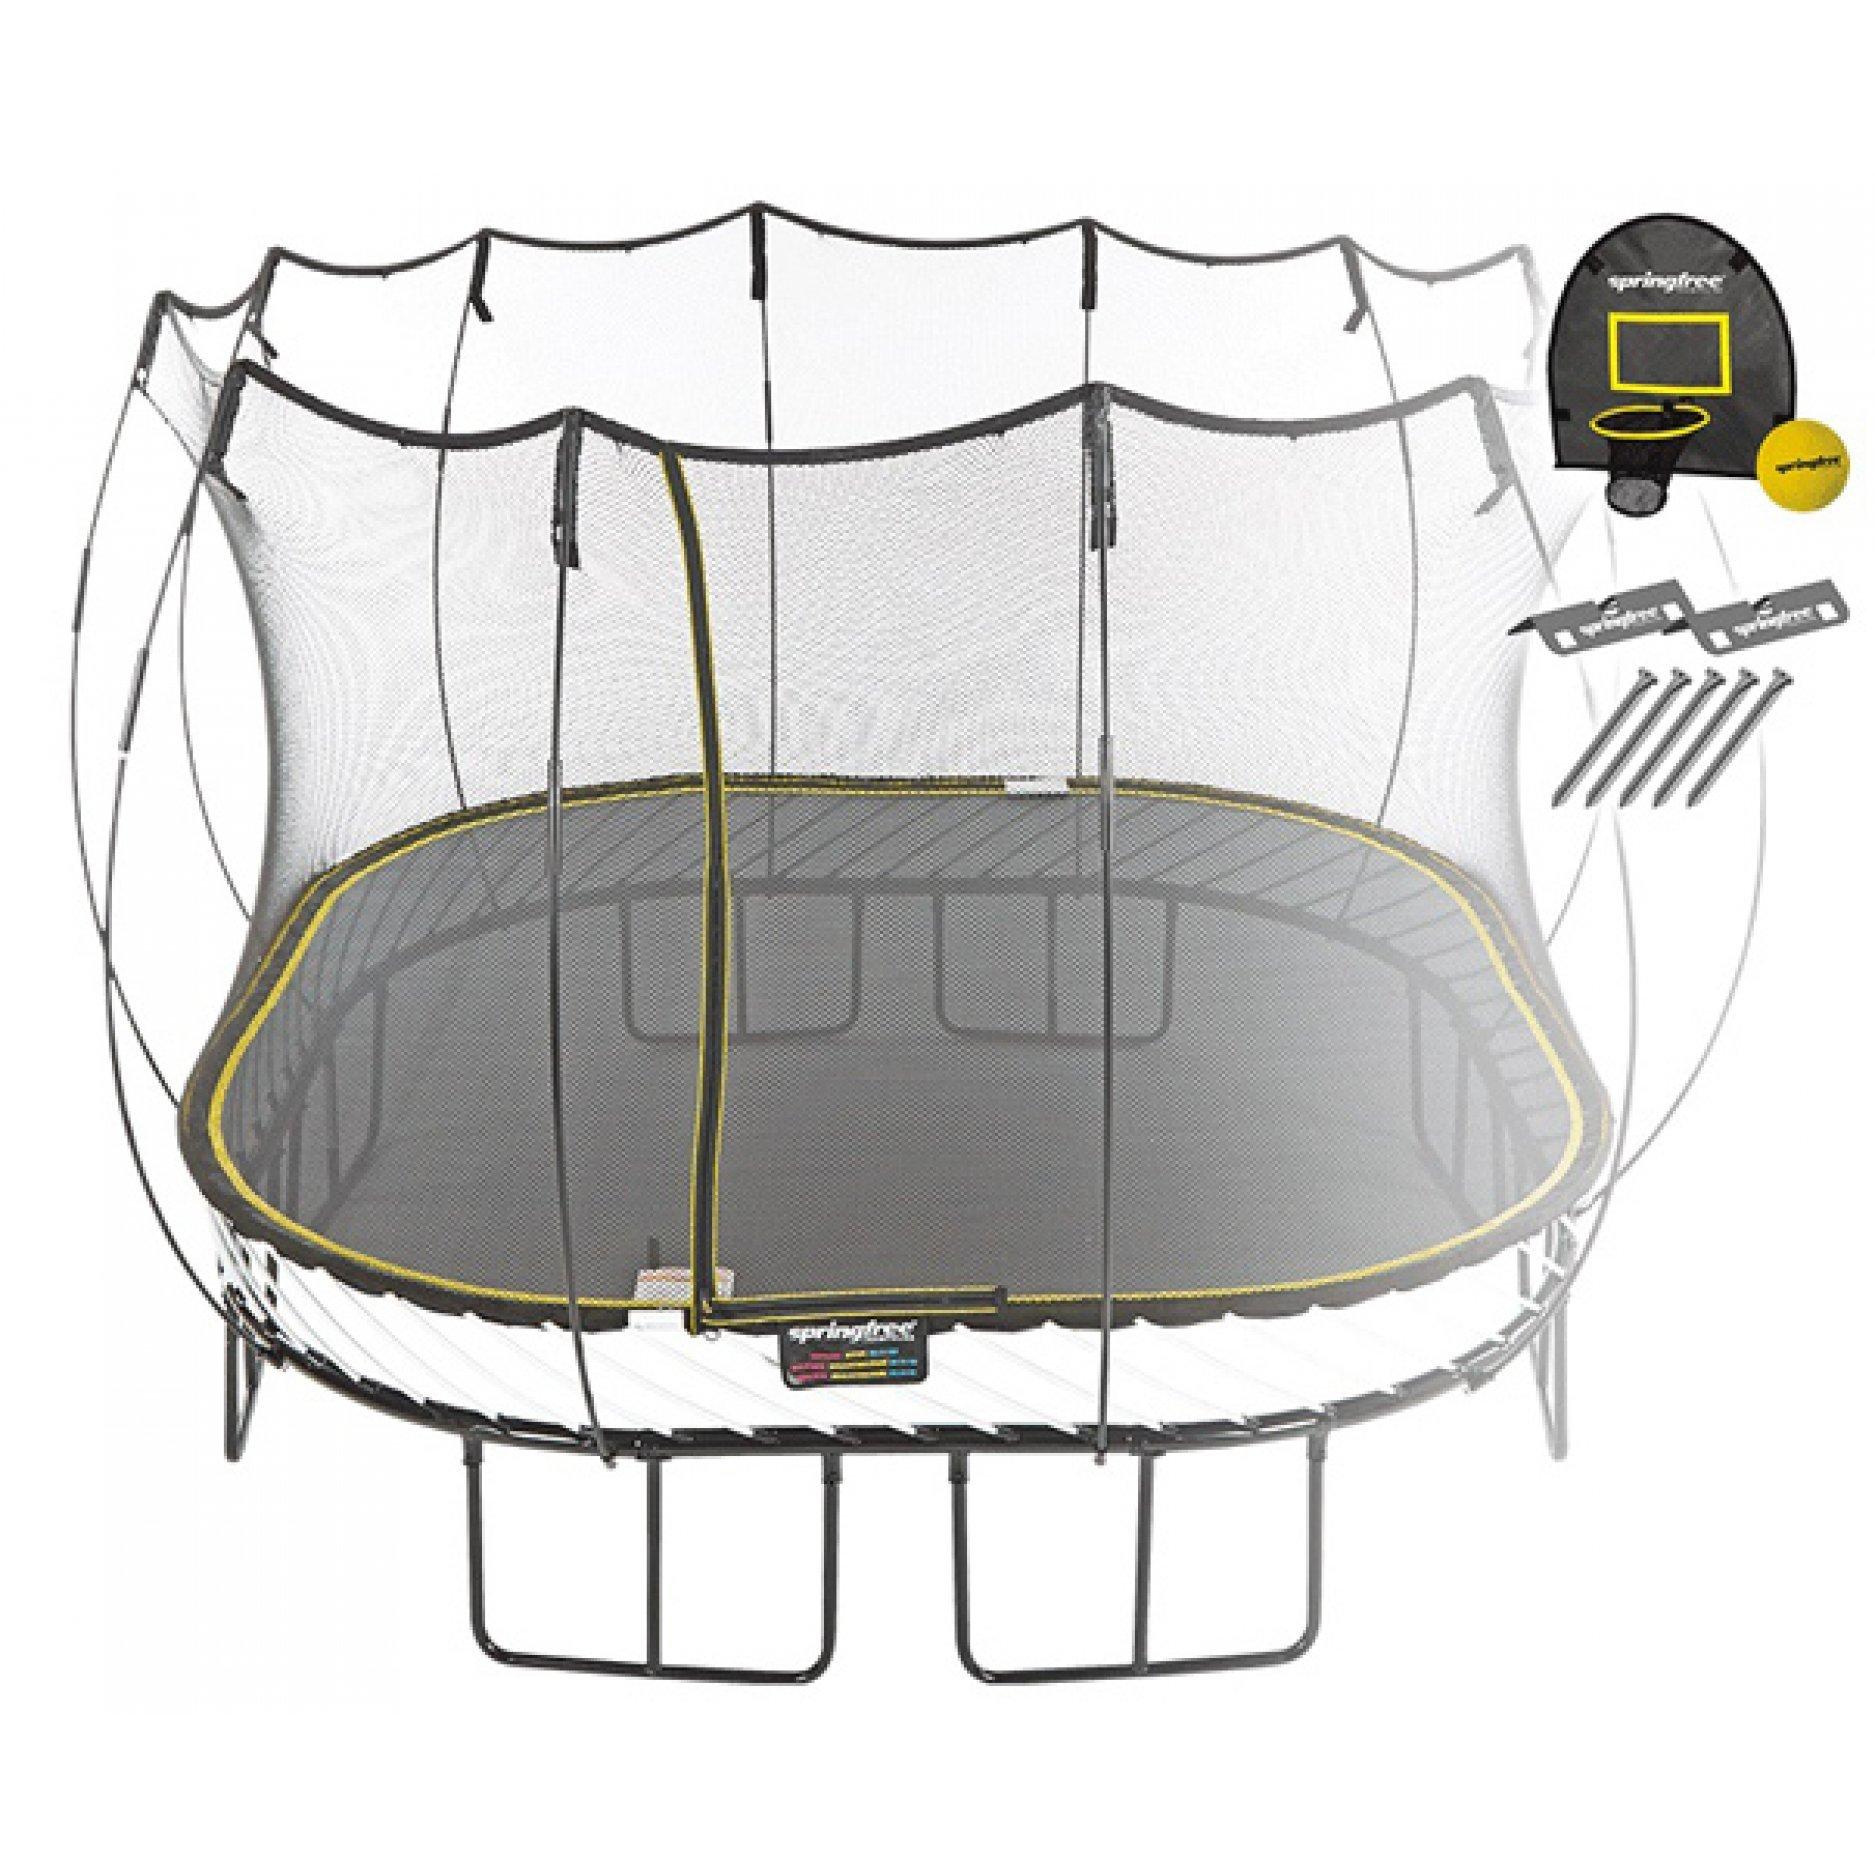 Батут квадратный Springfree S113 HA с корзиной для мяча и фиксаторами